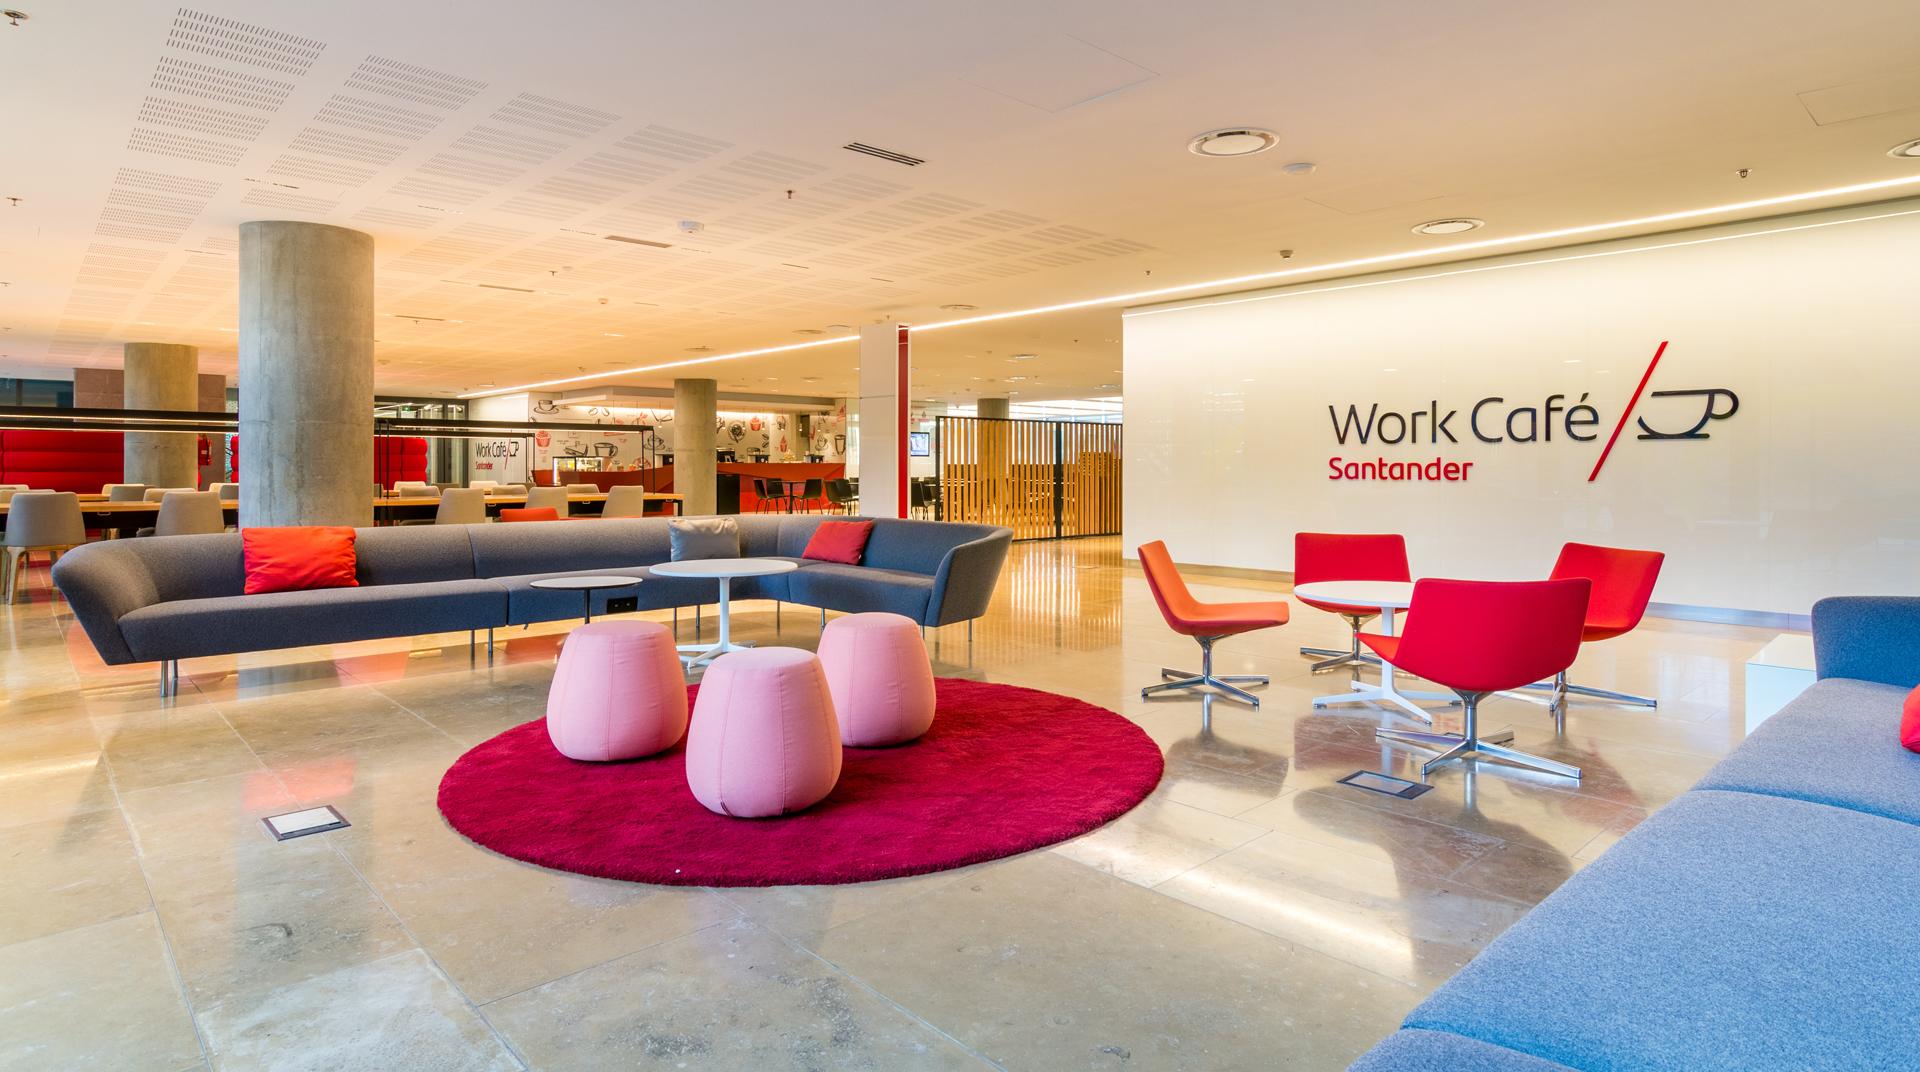 Work Café, un espacio que fomenta el emprendedurismo y la colaboración.